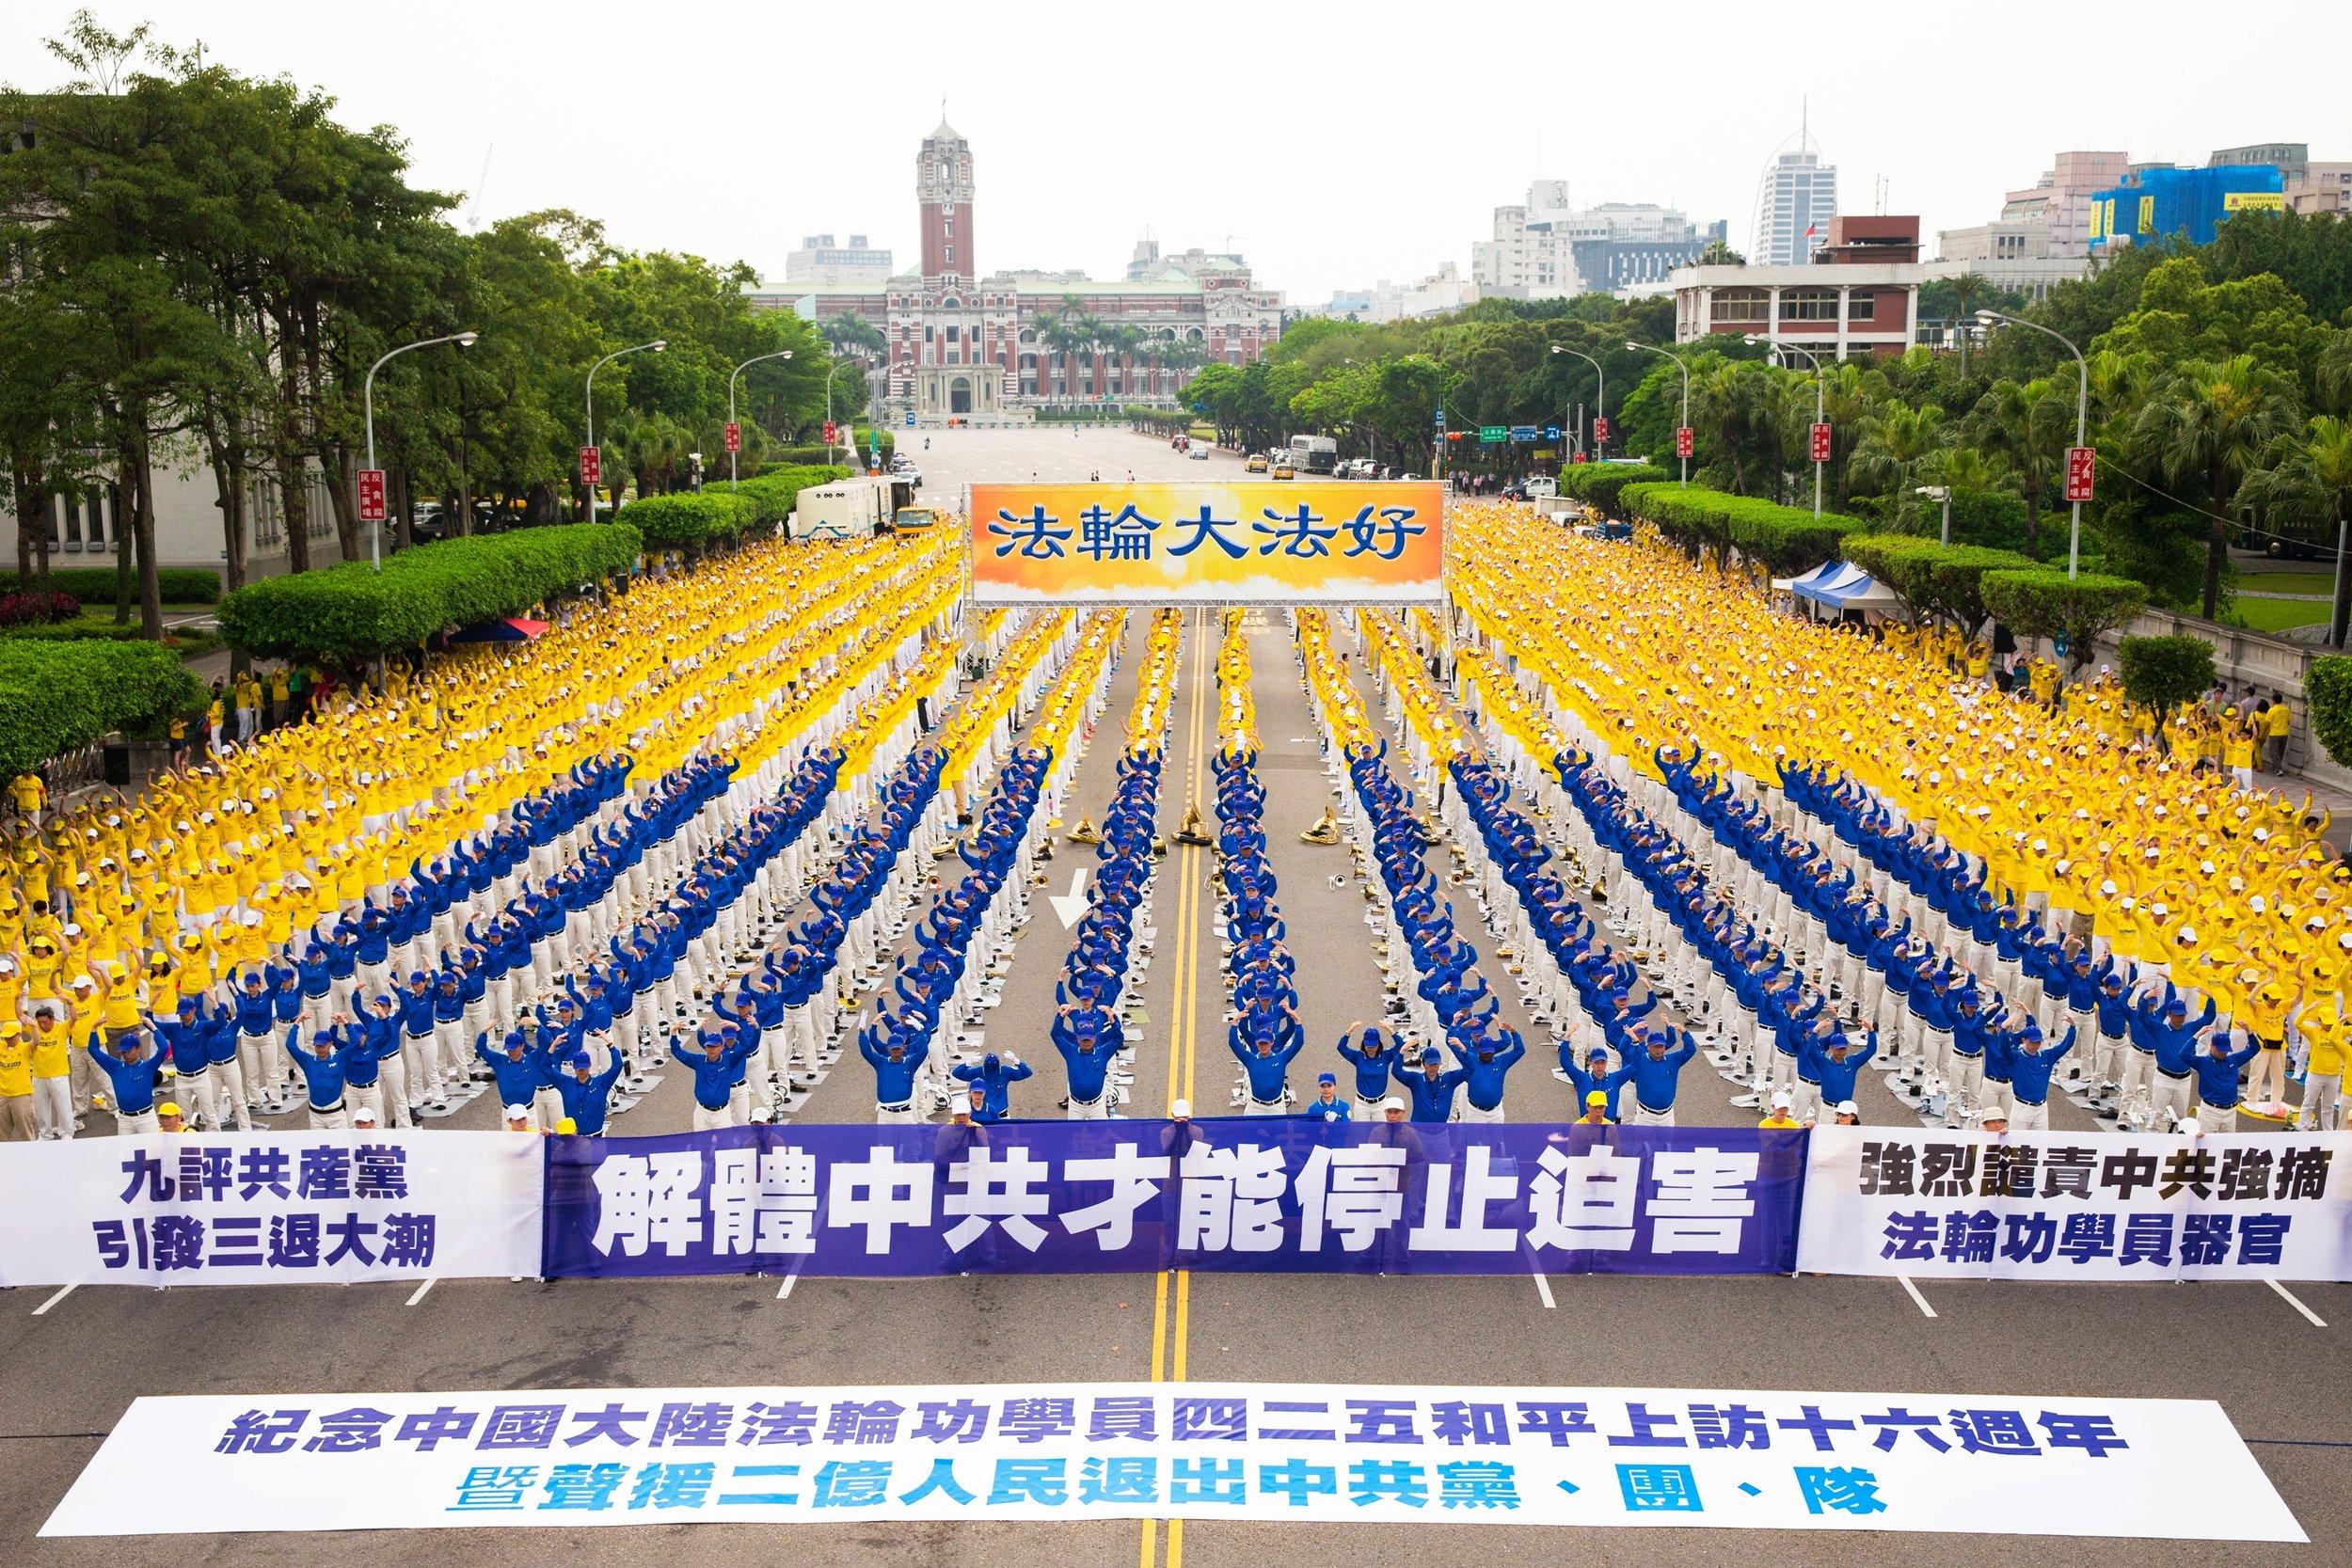 二零一五年四月十九日,三千多名 法輪功 學員齊聚台灣總統府前的凱達格蘭大道,舉行記者會和集體大煉功,紀念中國大陸法輪功學員萬人「四•二五」和平大上訪十六週年,並聲援二億華人退出中共邪黨、團、隊。(明慧網)